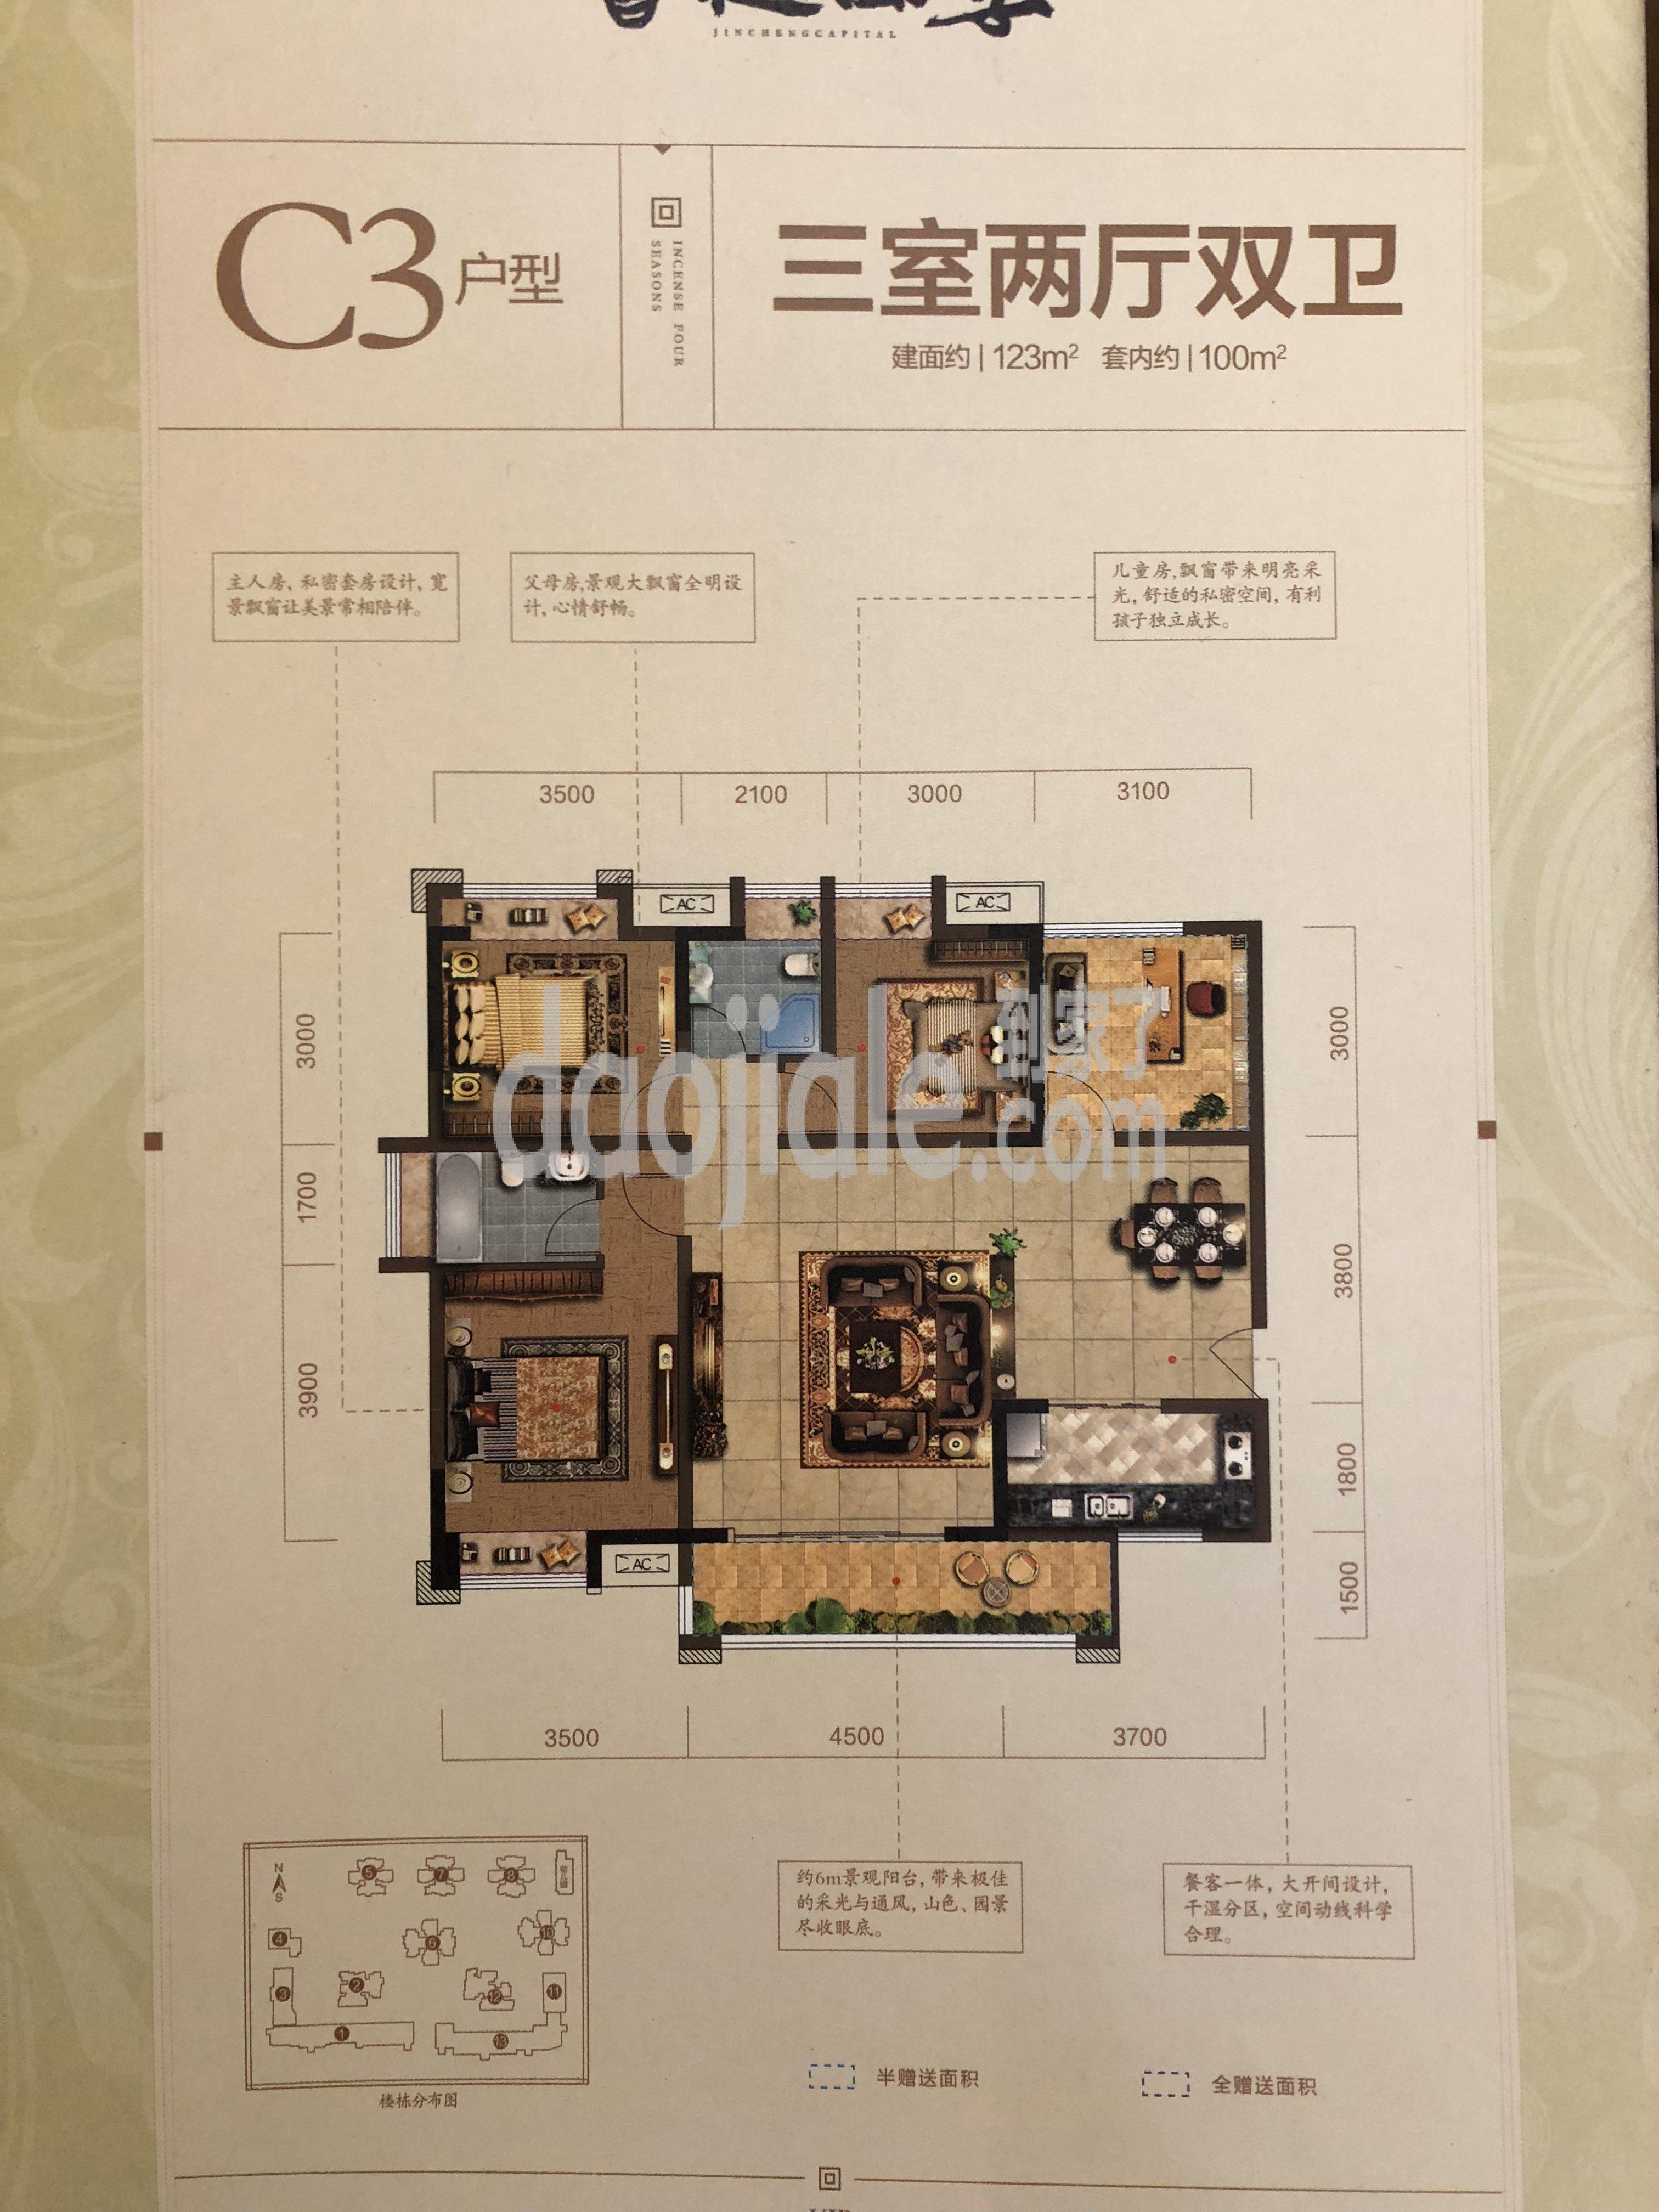 江津区双福片区津城首府新房C3户型户型图